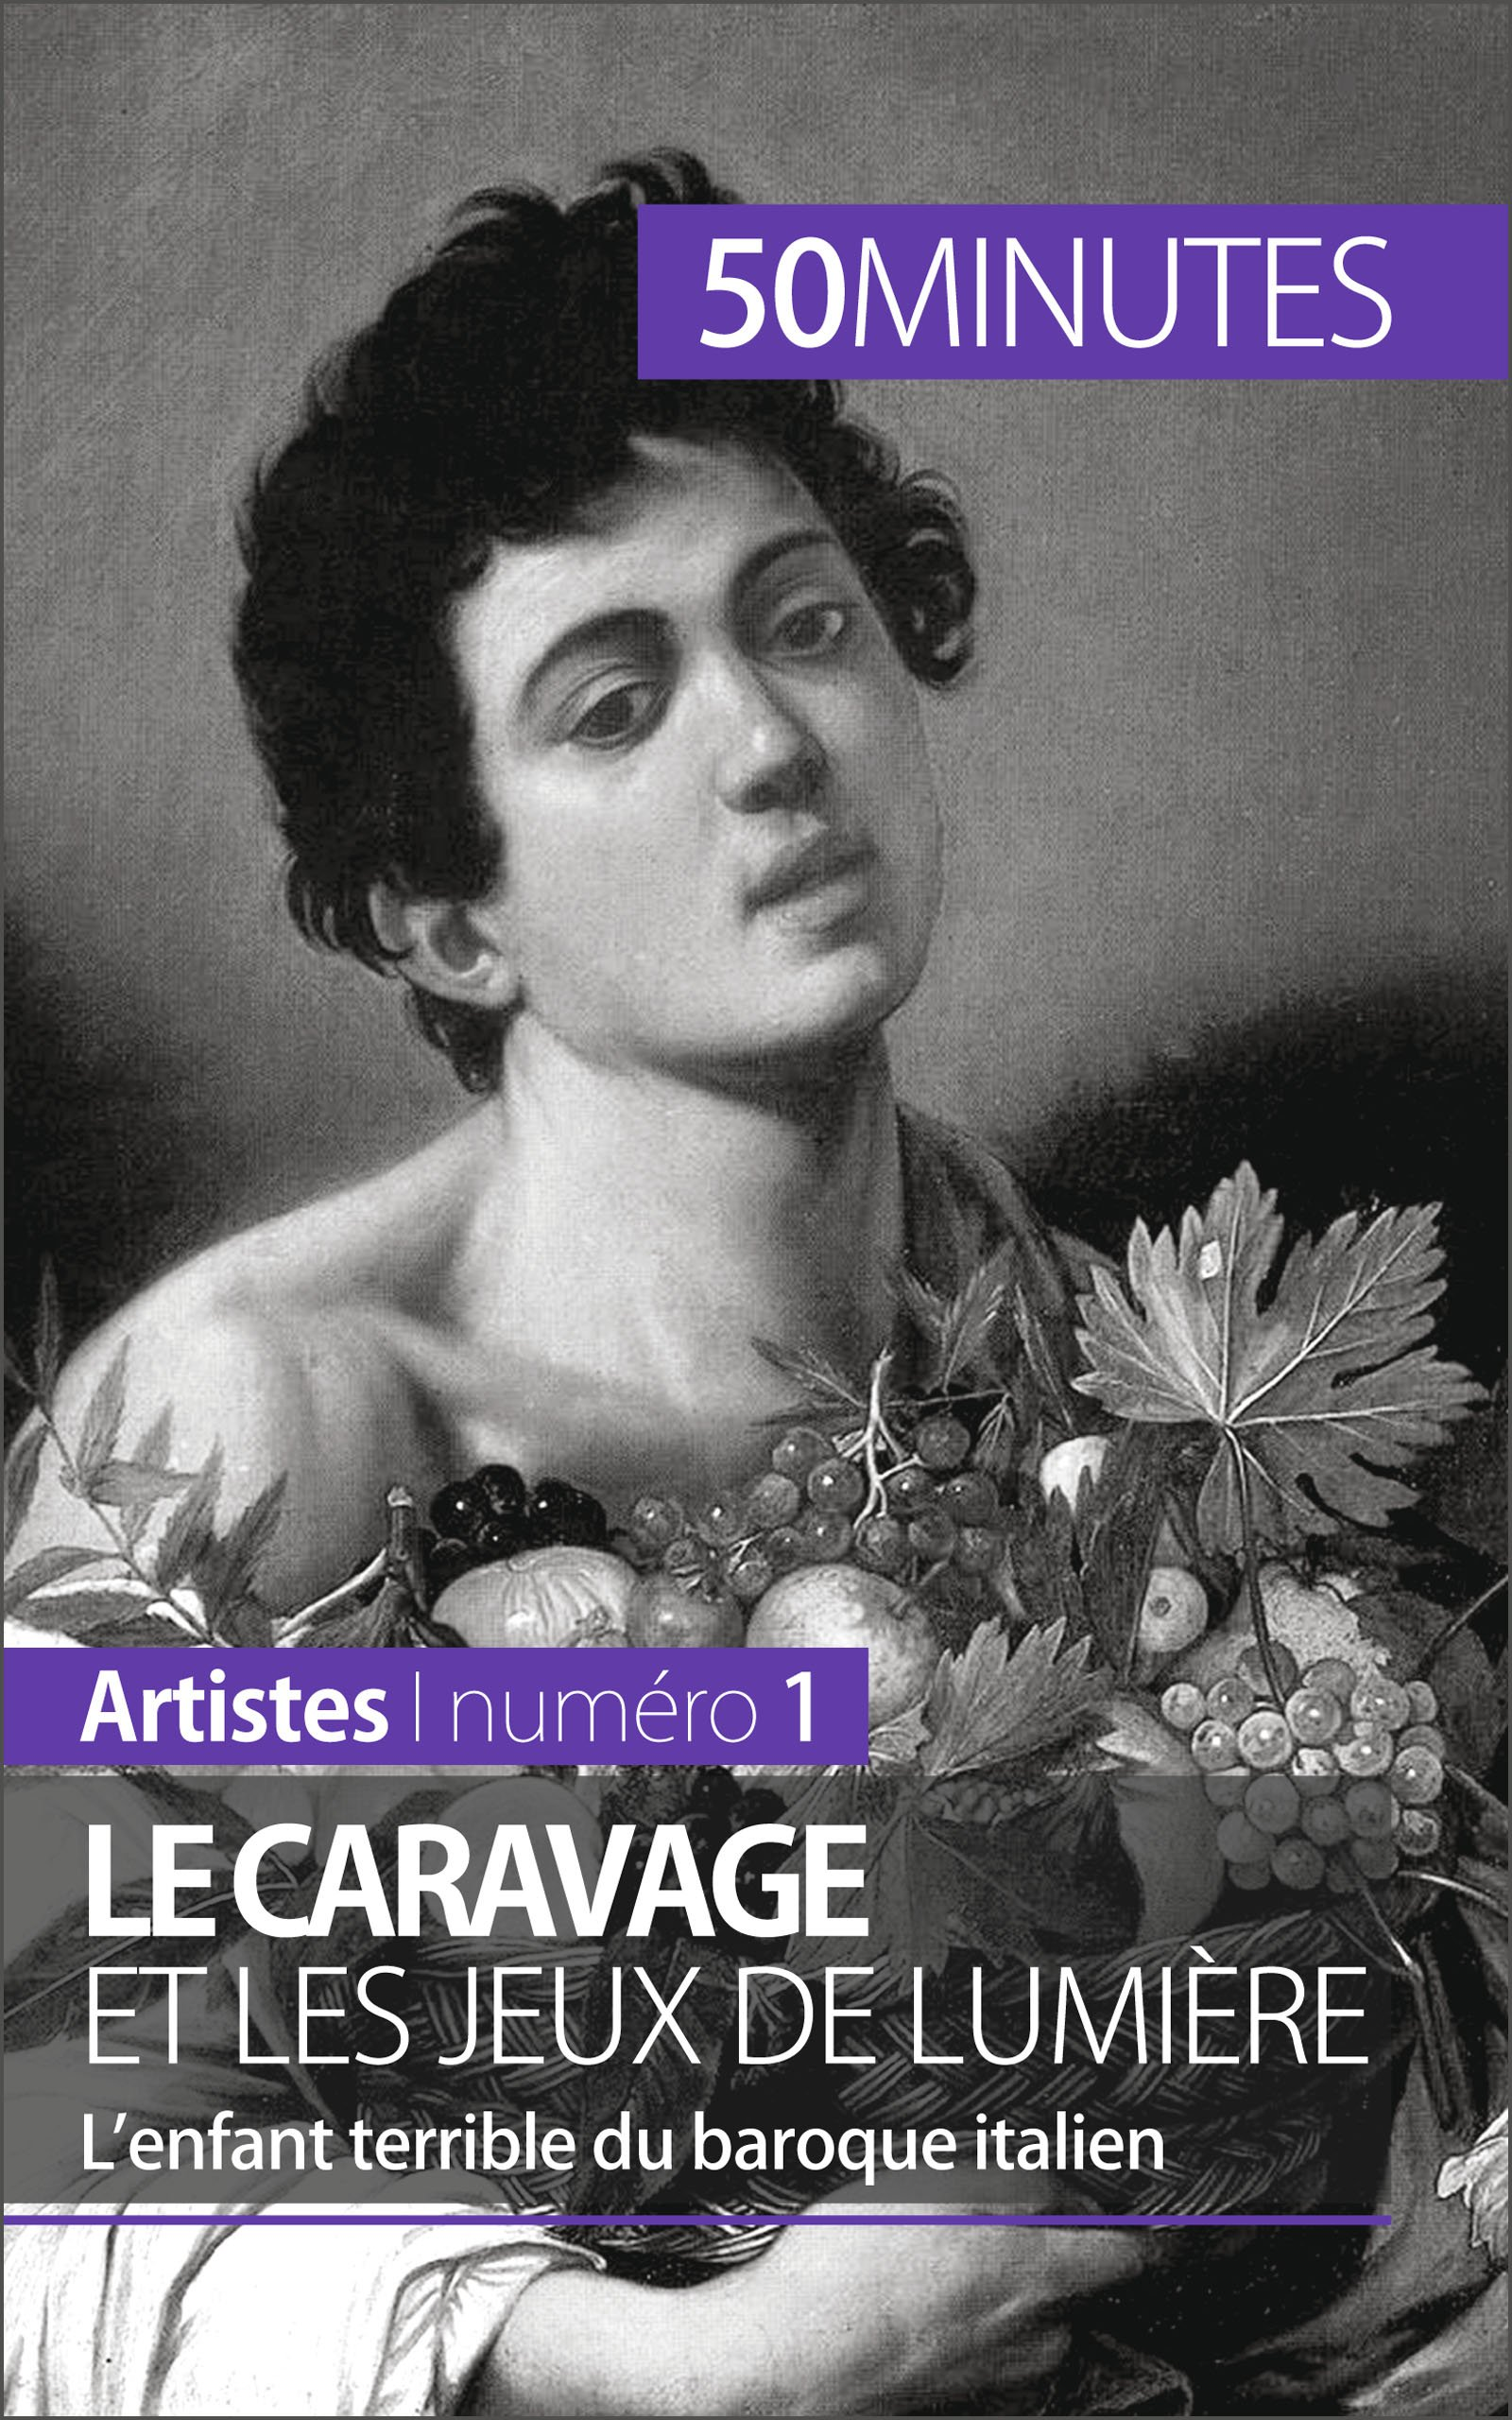 Le Caravage et les jeux de lumière: L'enfant terrible du baroque italien (Artistes t. 1) por Coline Franceschetto